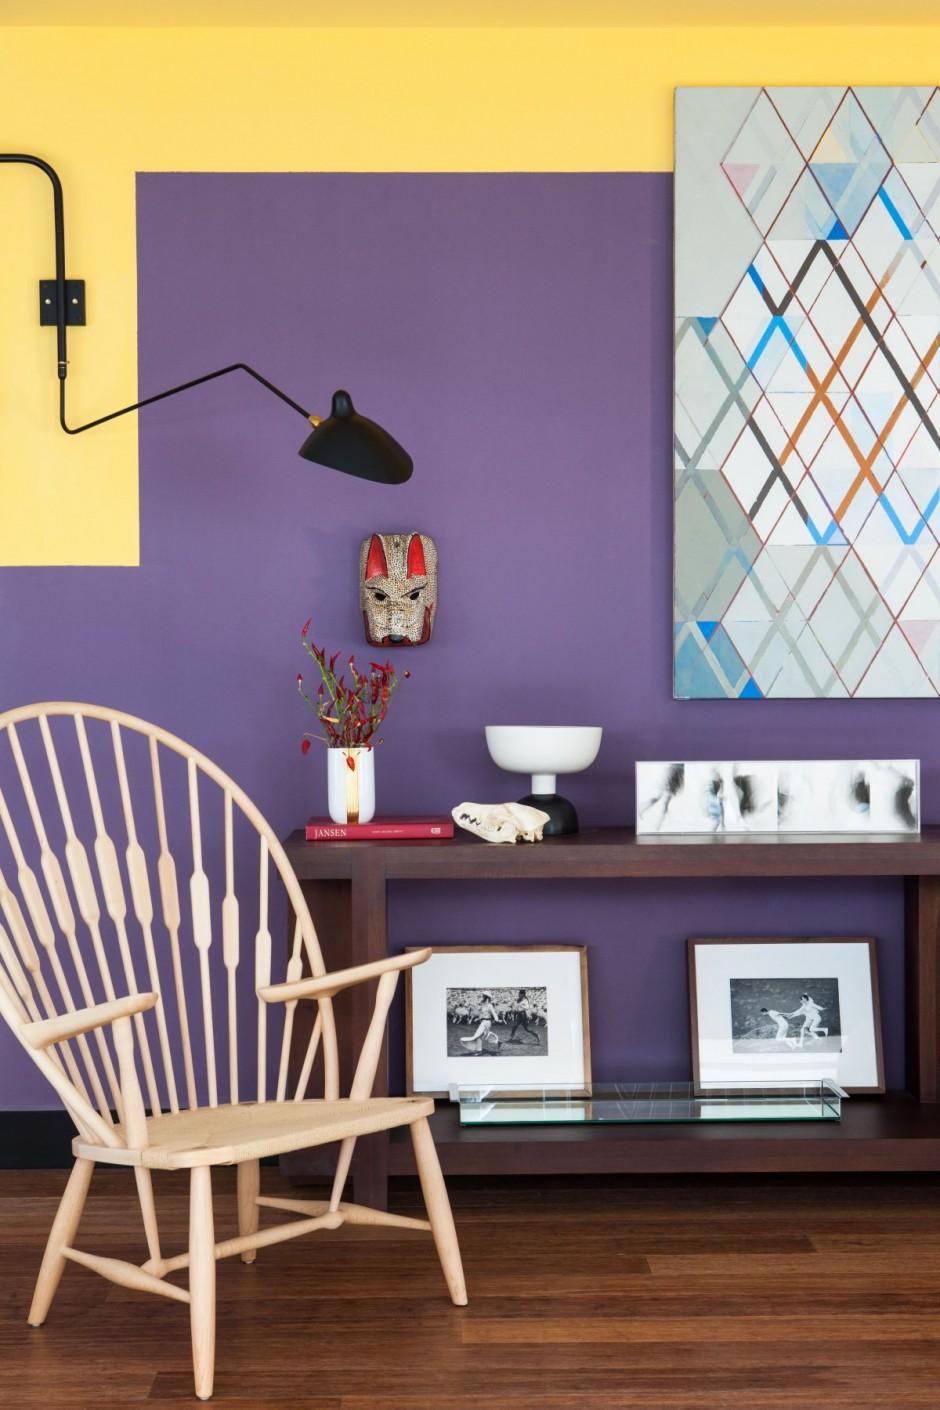 Peindre des murs de différentes couleurs